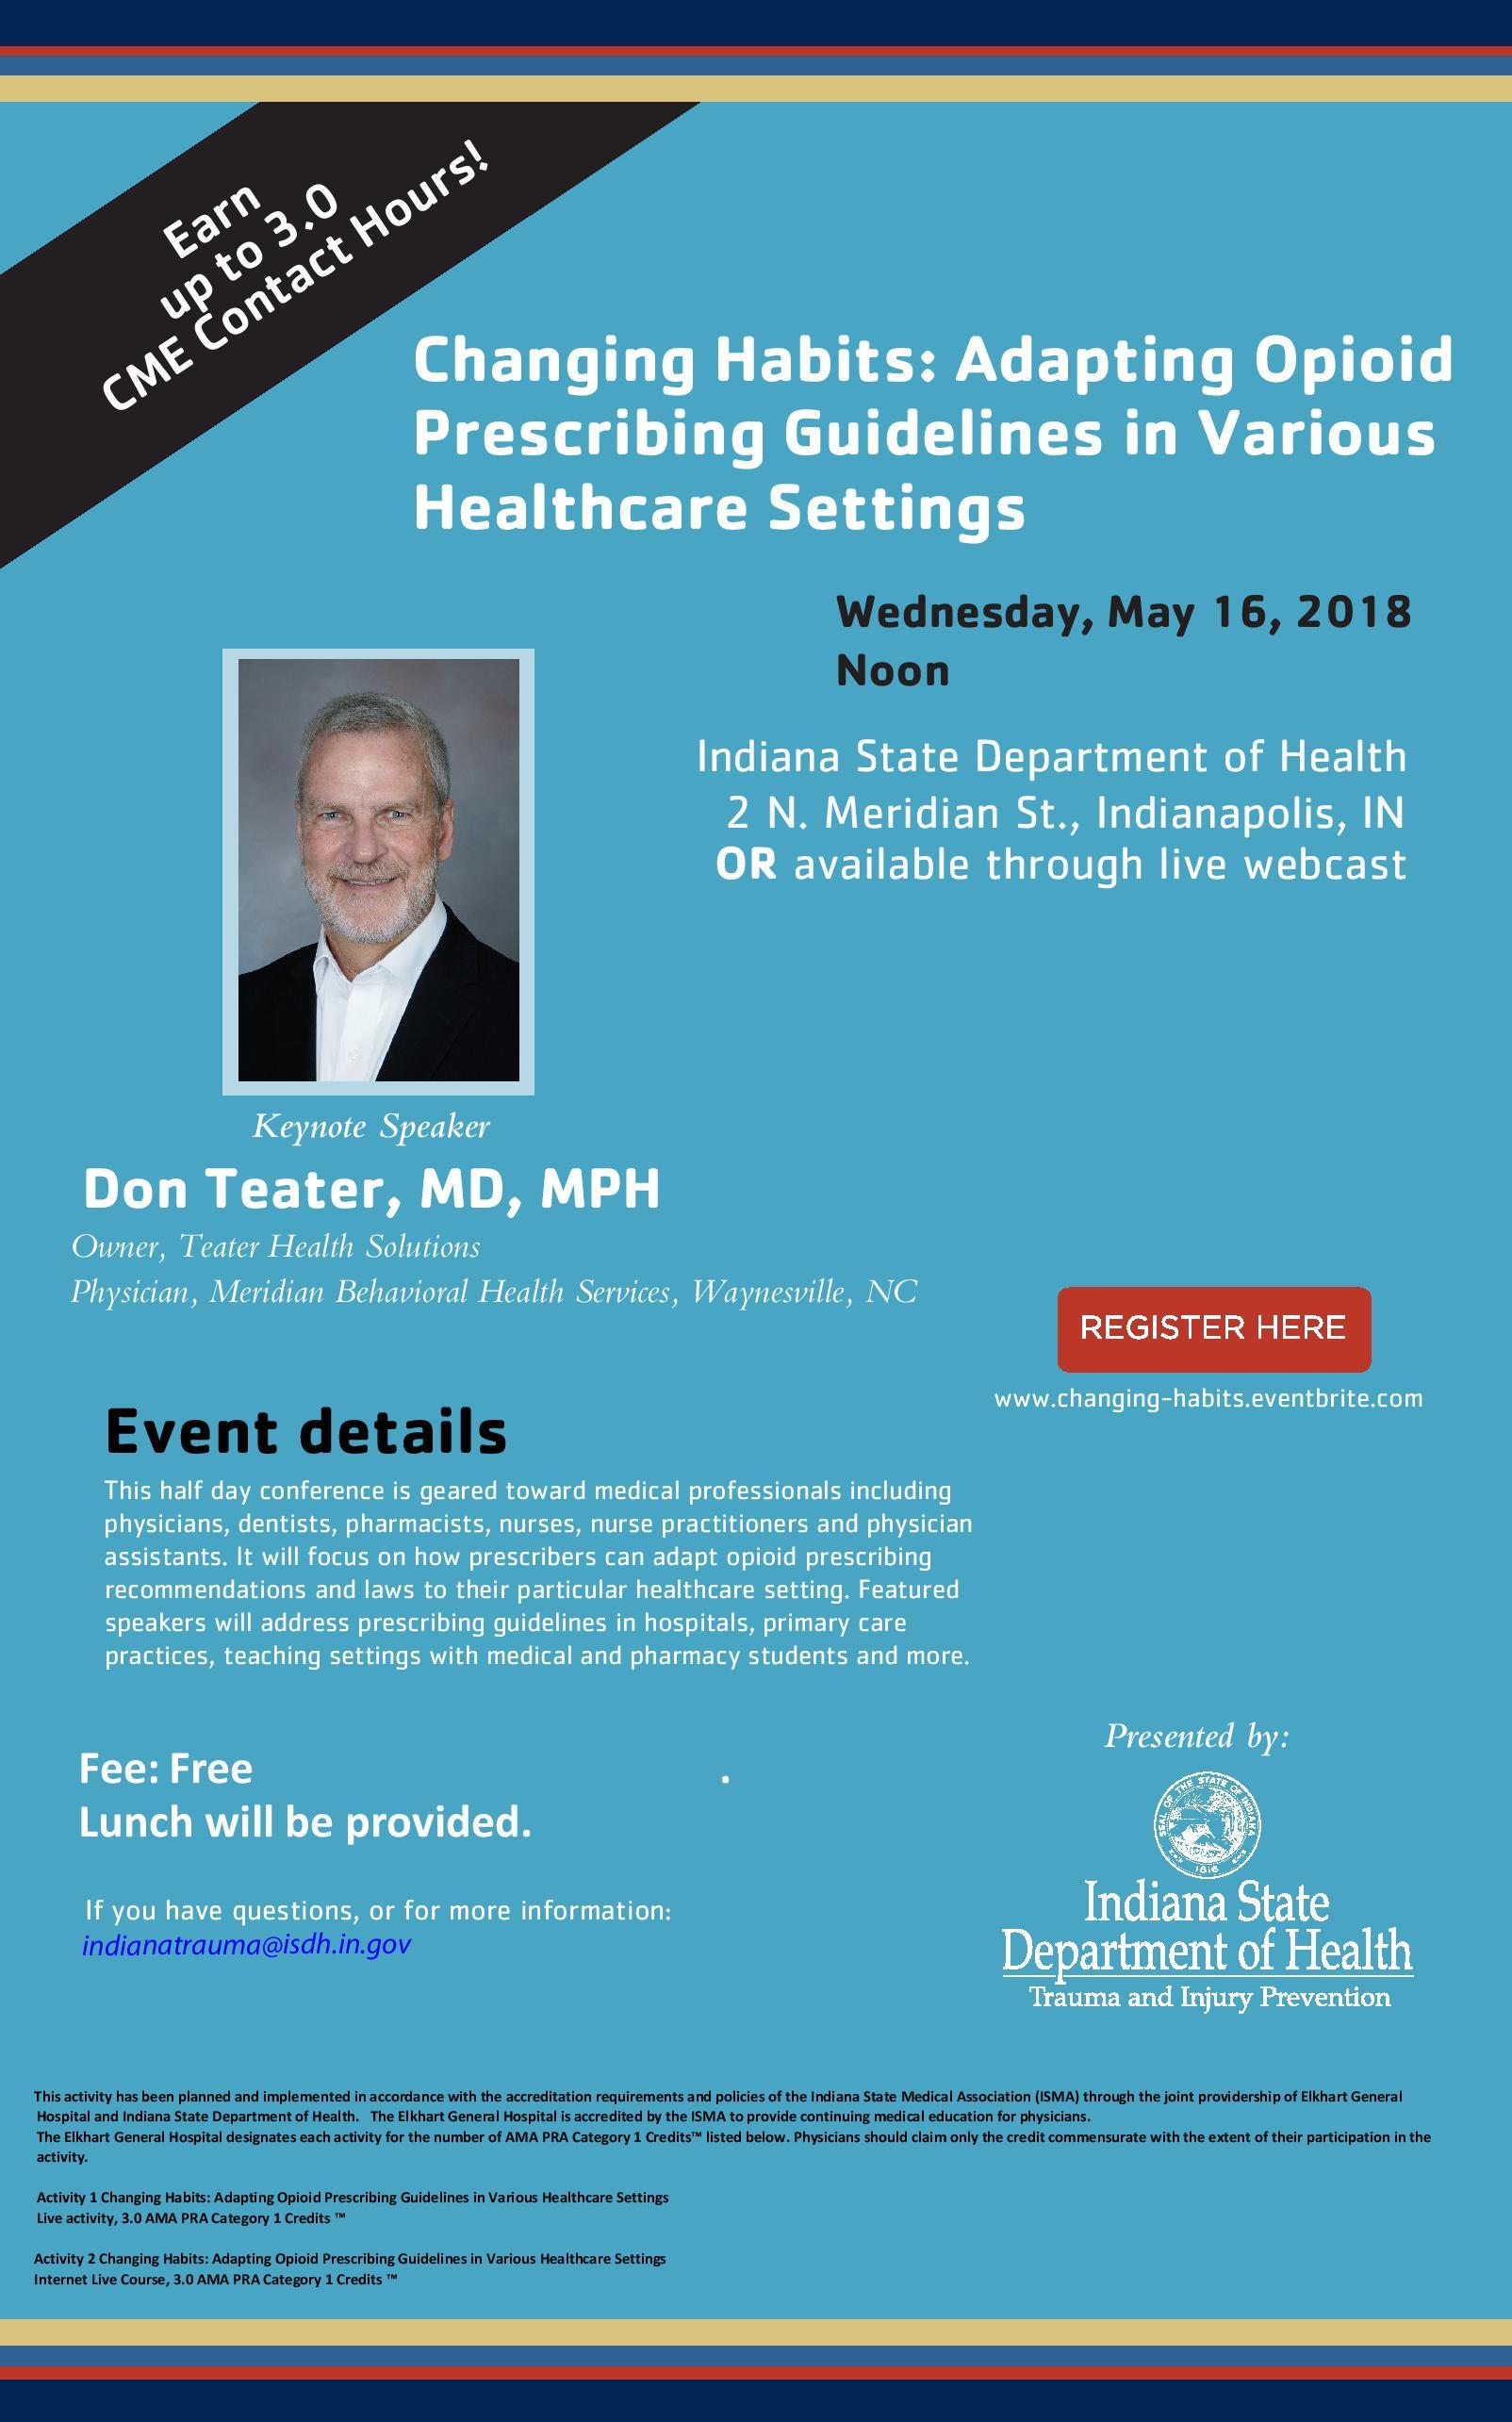 ISDH May 16th prescribing guidelines flyer